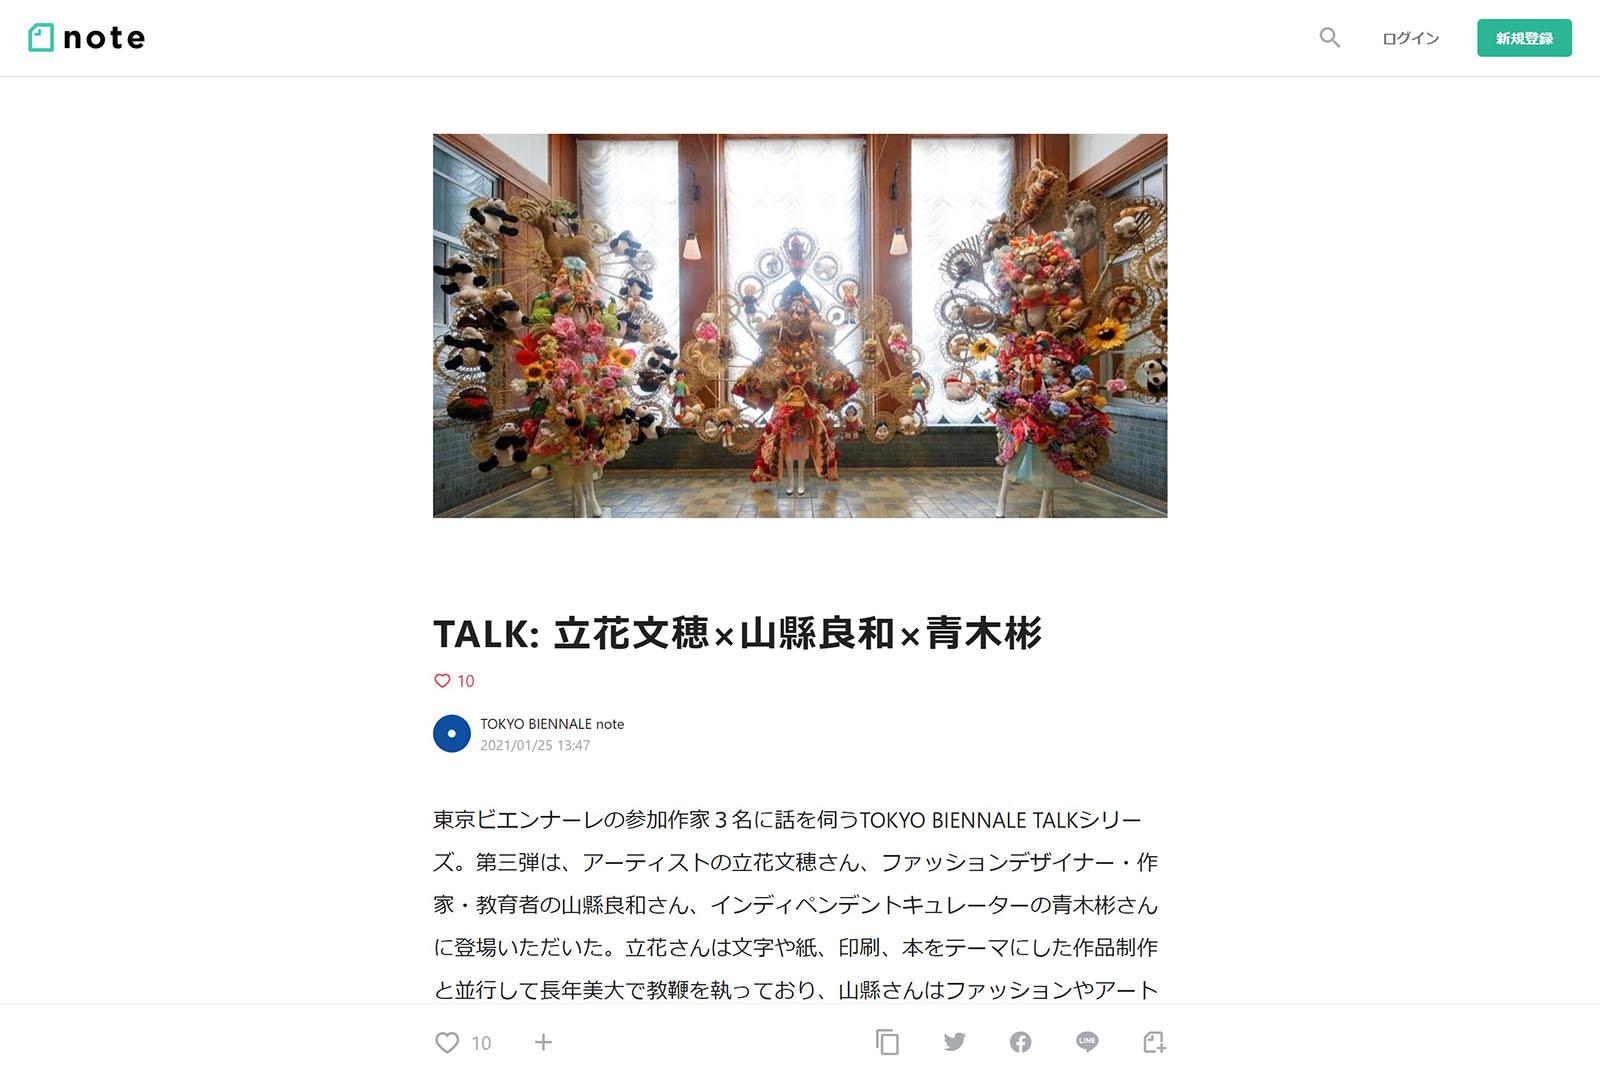 まちに飛び込み、人と関わる。東京を舞台にした芸術祭。